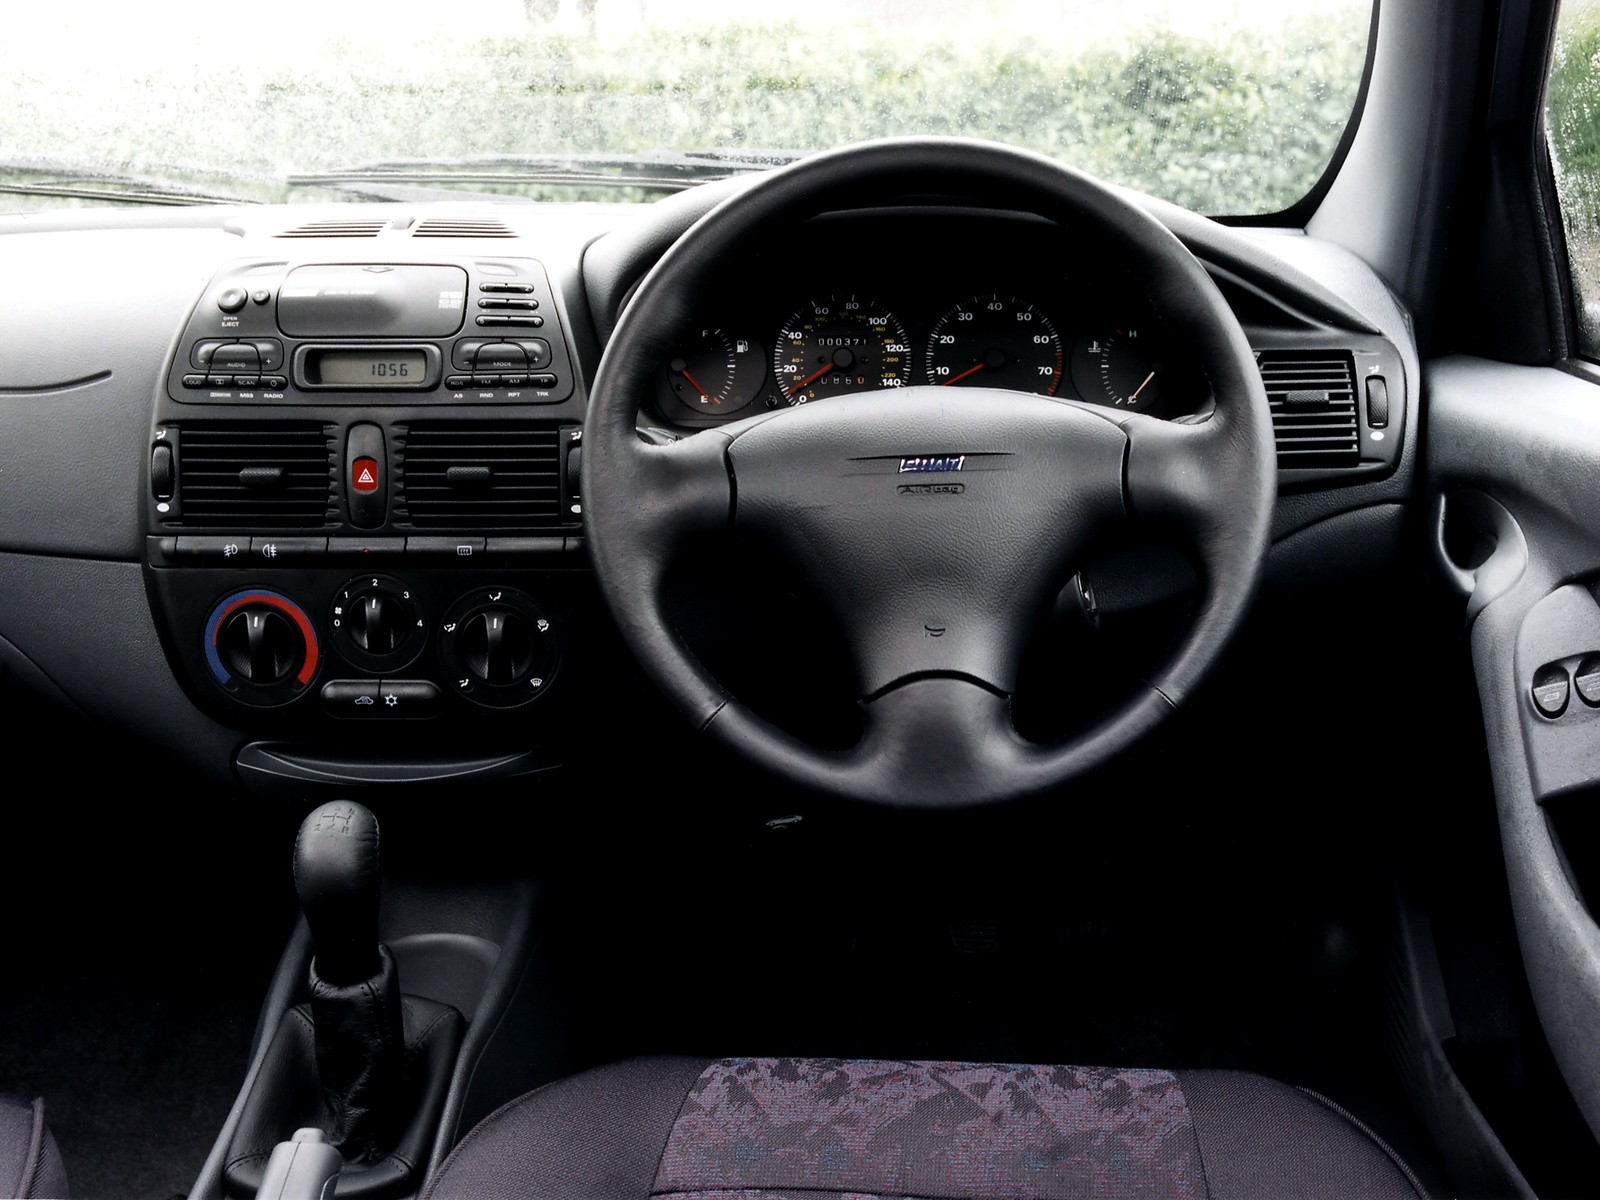 Fiat Bravo Specs 1995 1996 1997 1998 1999 2000